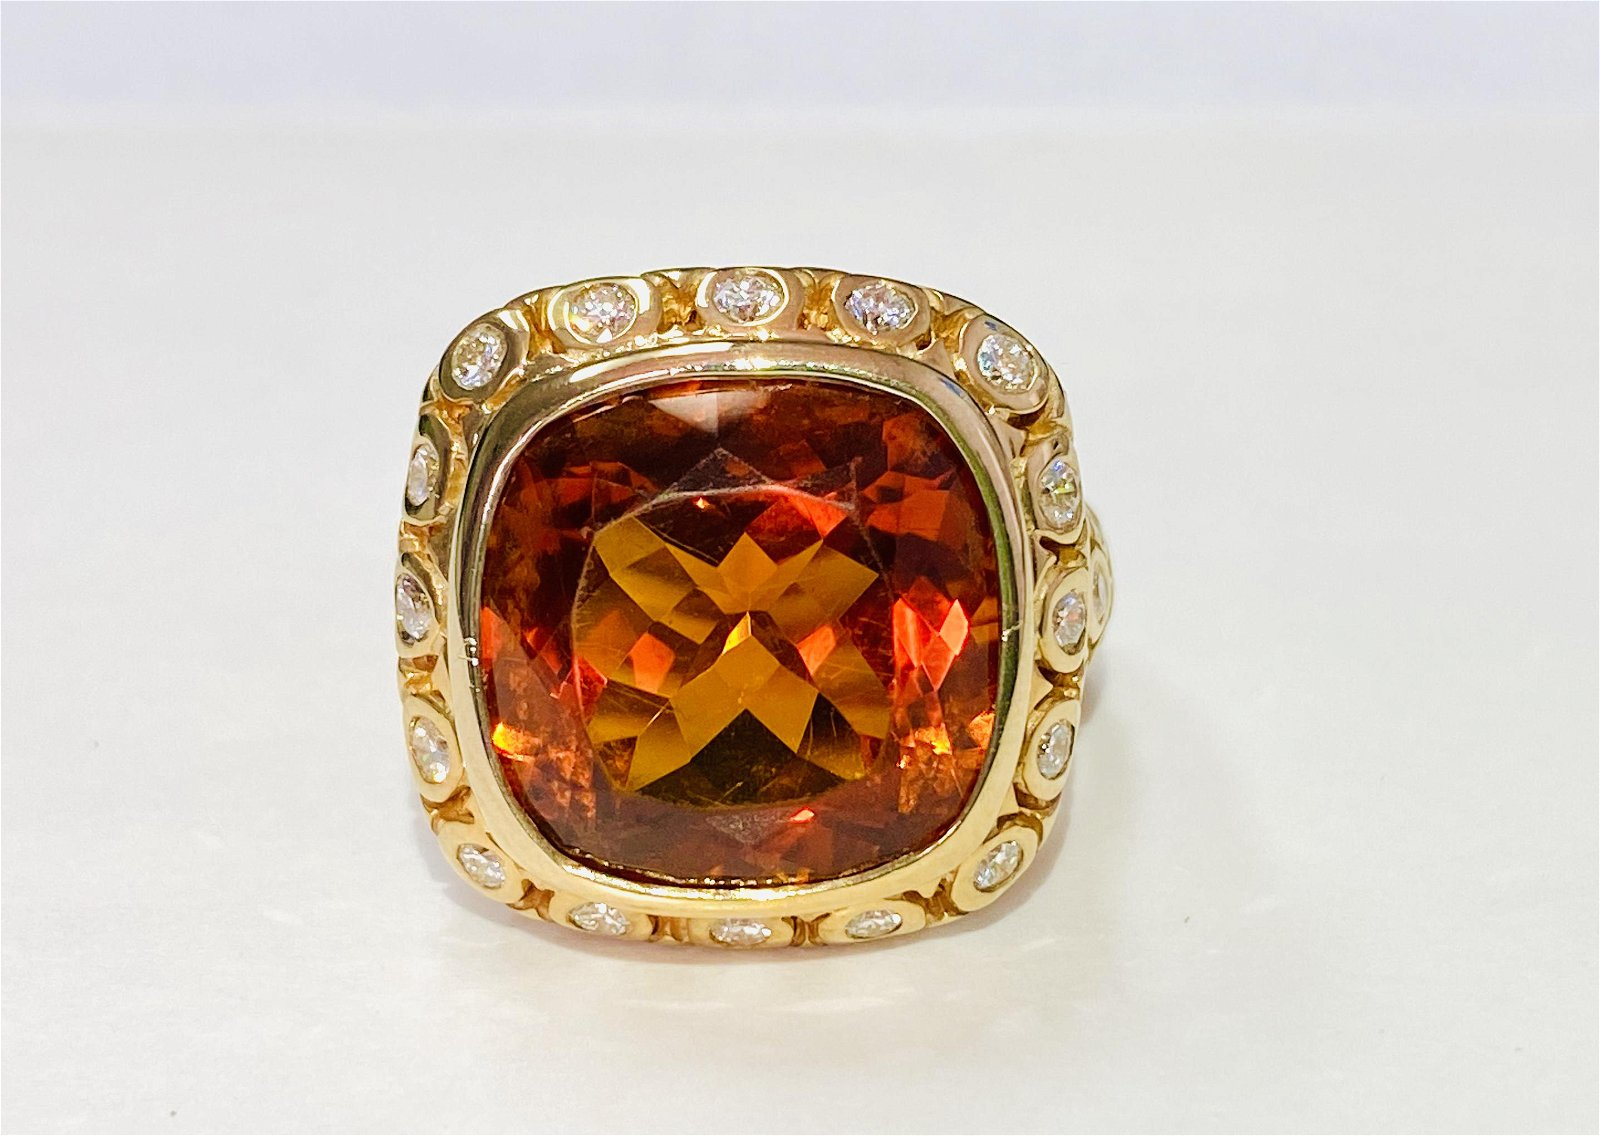 18k Yellow Gold, 13.50ct Citrine & Diamond Ring